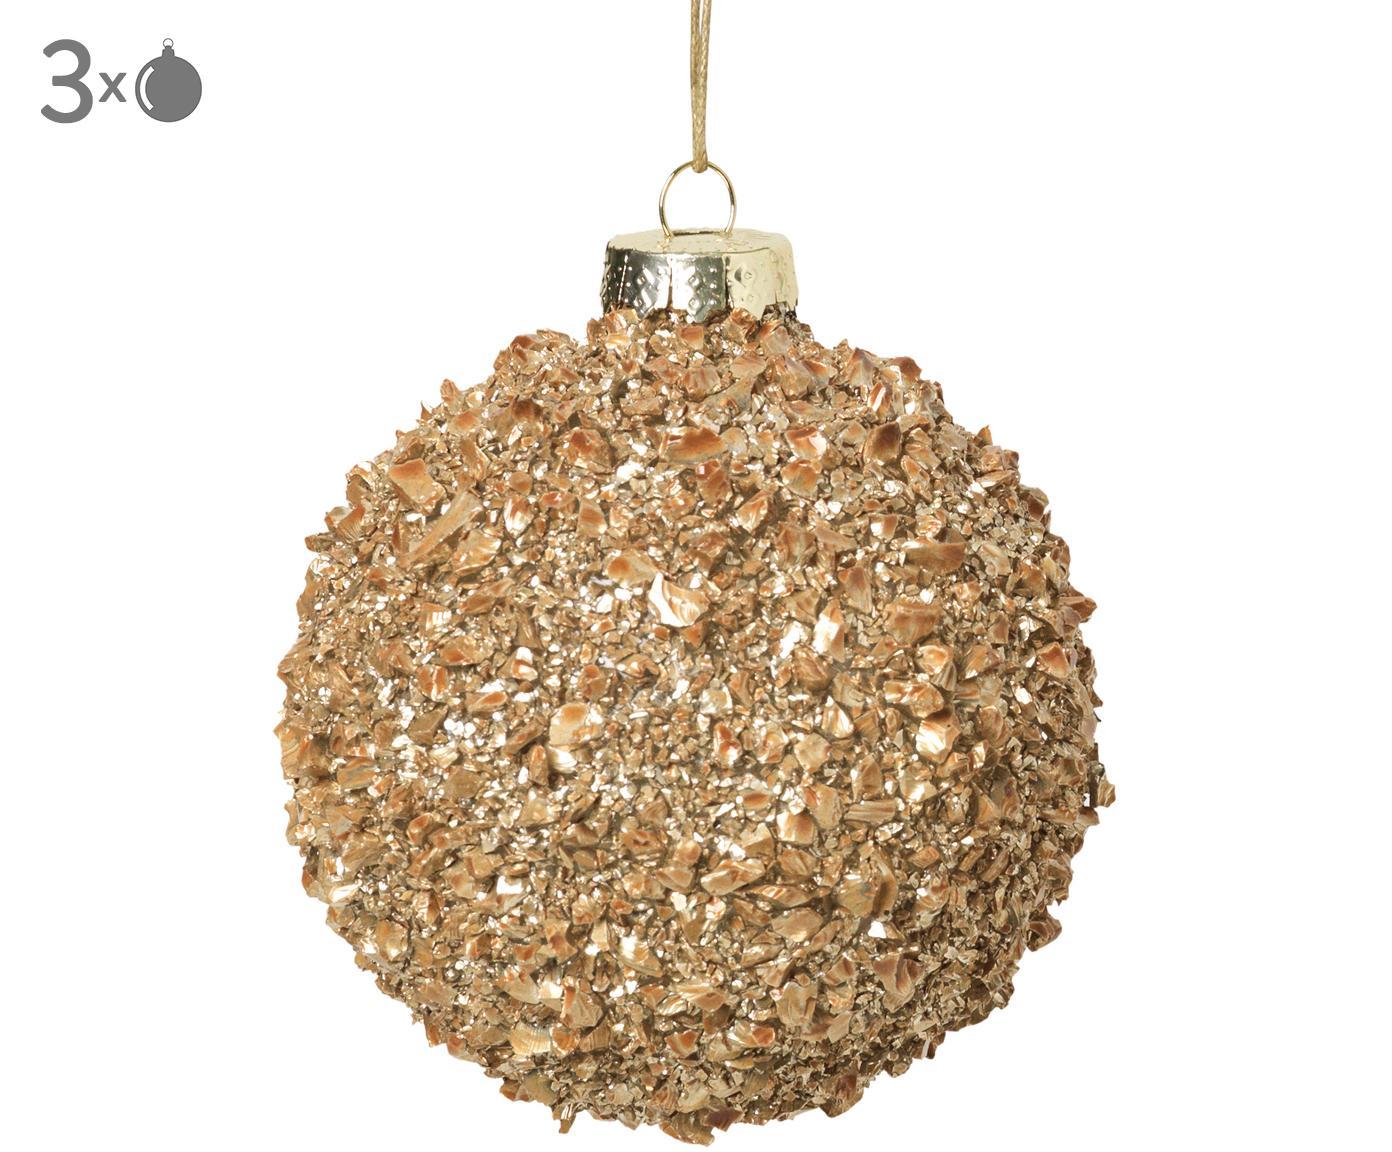 Kerstballen Cinna, 3 stuks, Glas, metaal, Goudkleurig, Ø 8 cm